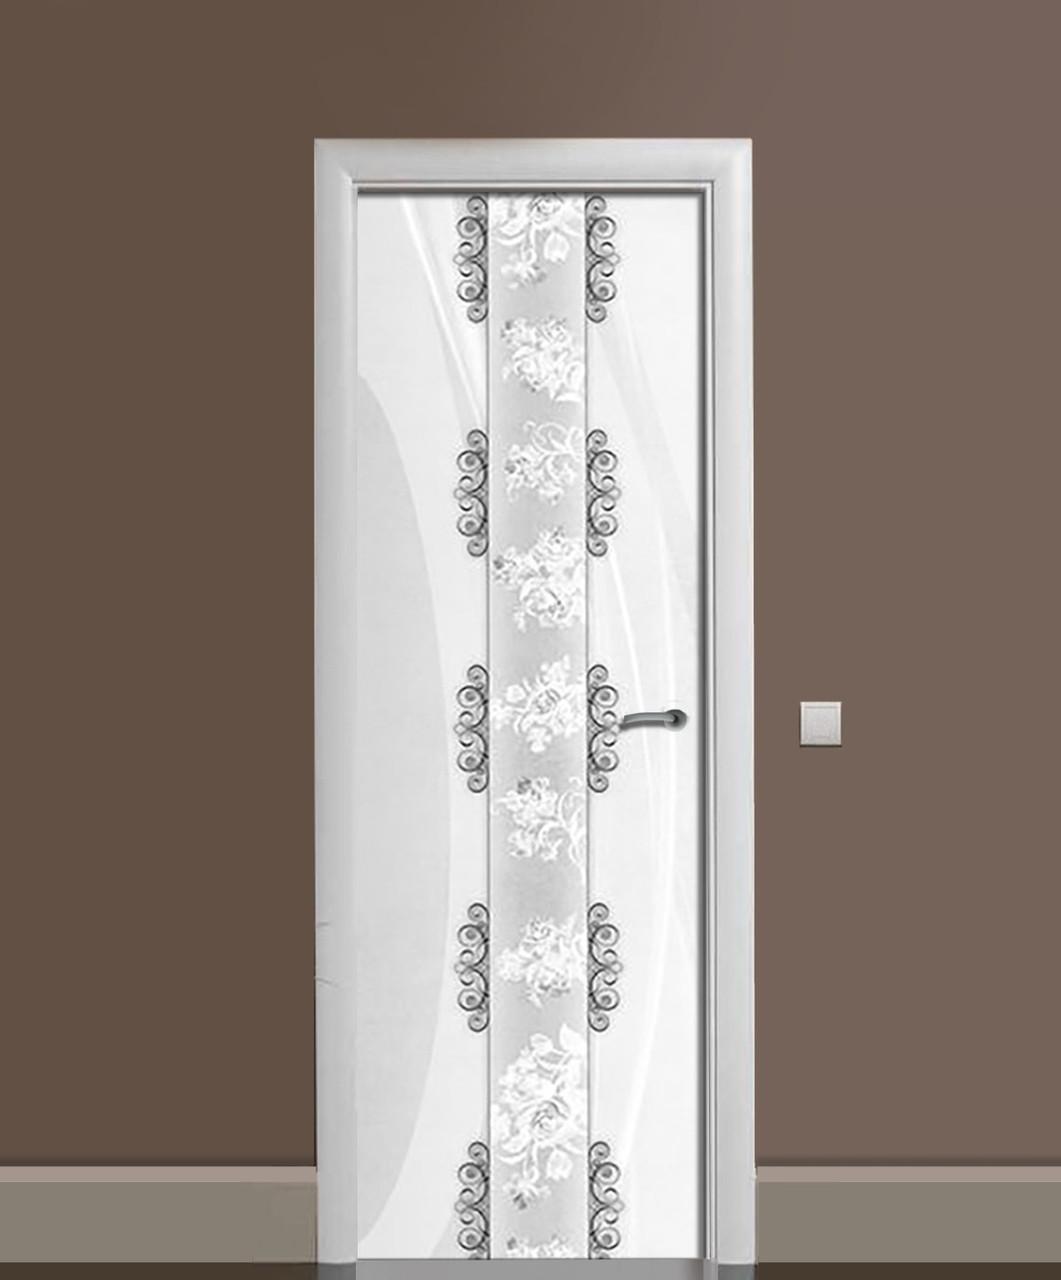 Декоративна наклейка на двері Візерунки Орнамент ПВХ плівка з ламінуванням 65*200см Абстракція Сірий